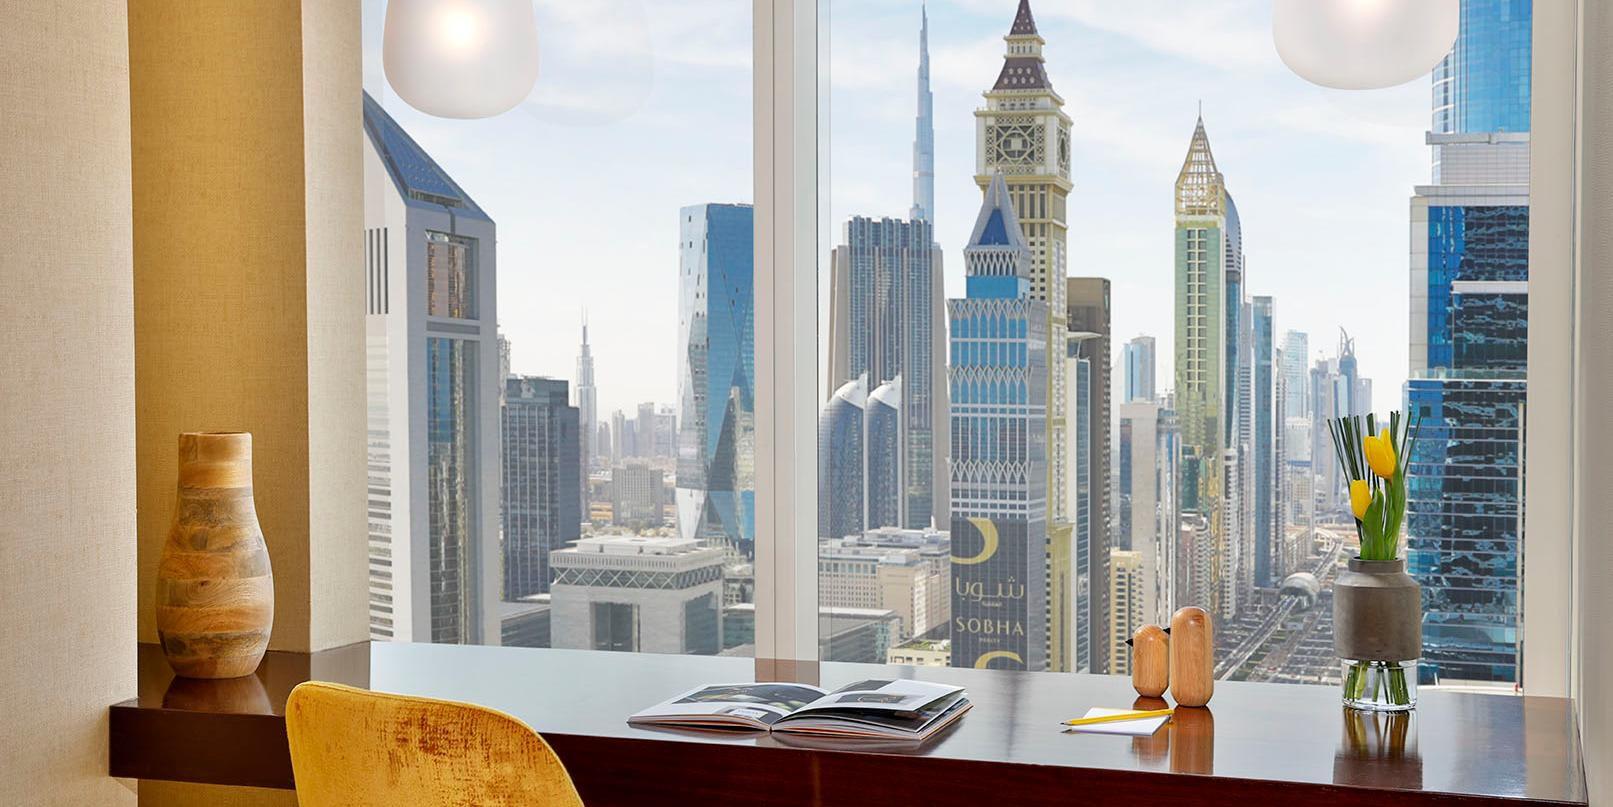 Ambassador Suite bathroom, with views of Sheikh Zayed Road, Dubai